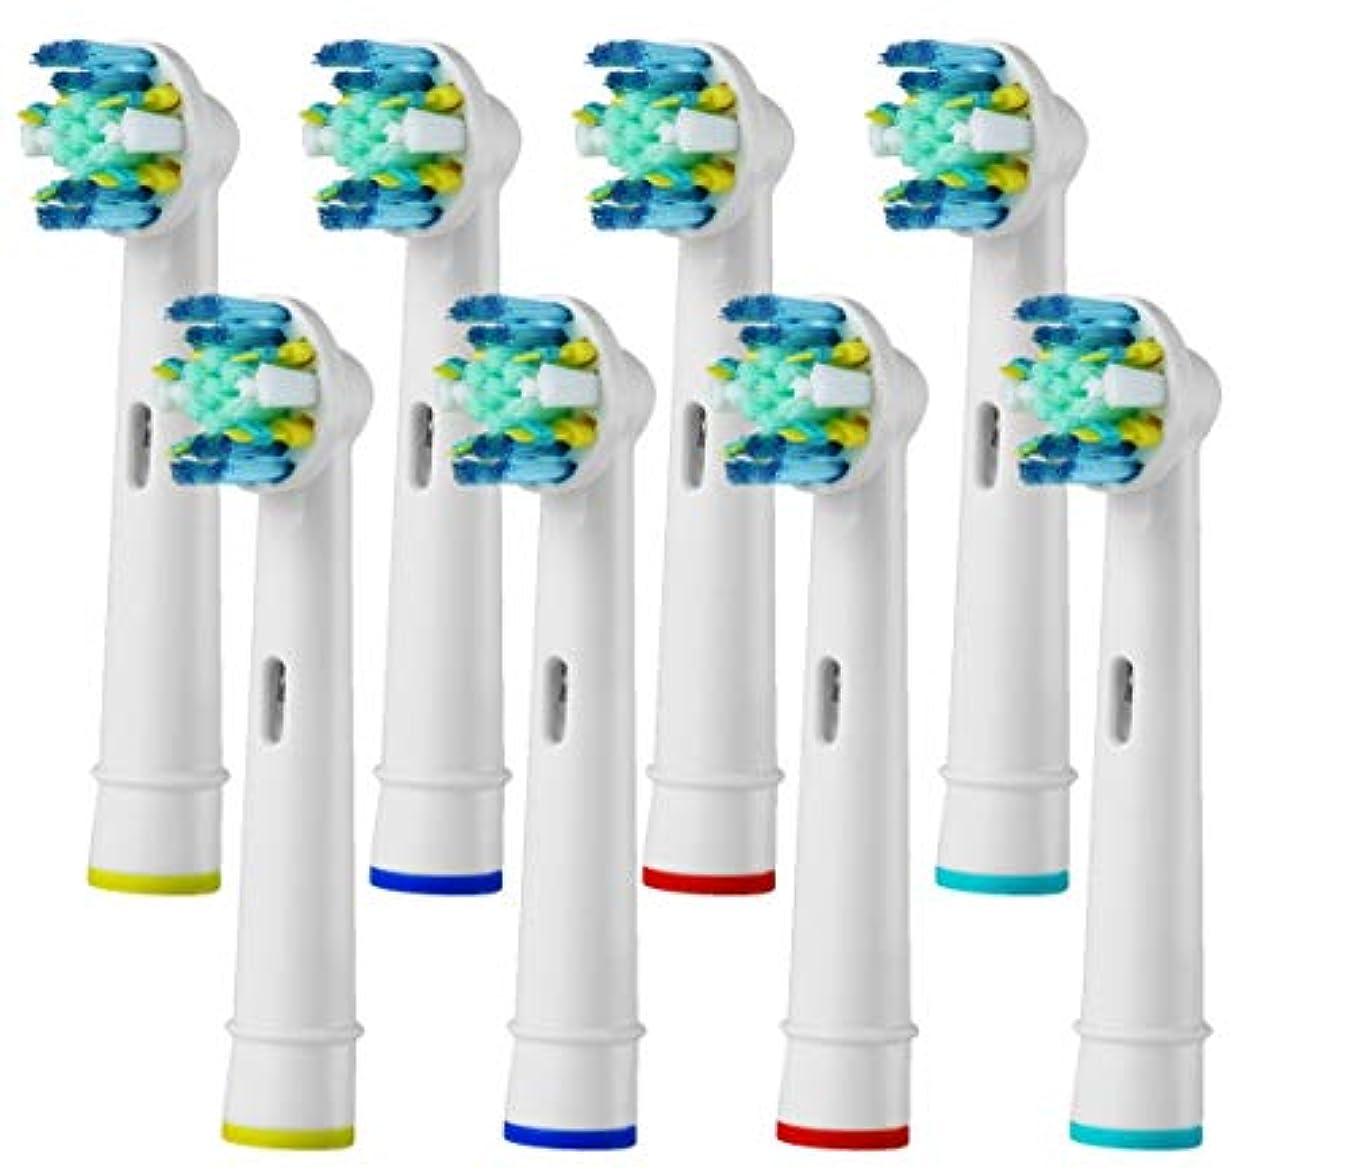 するだろう看板備品MAGINOVO オーラルフロスアクション電動歯ブラシ用 8つ ピース交換歯ブラシ ヘッド YST-25A-8